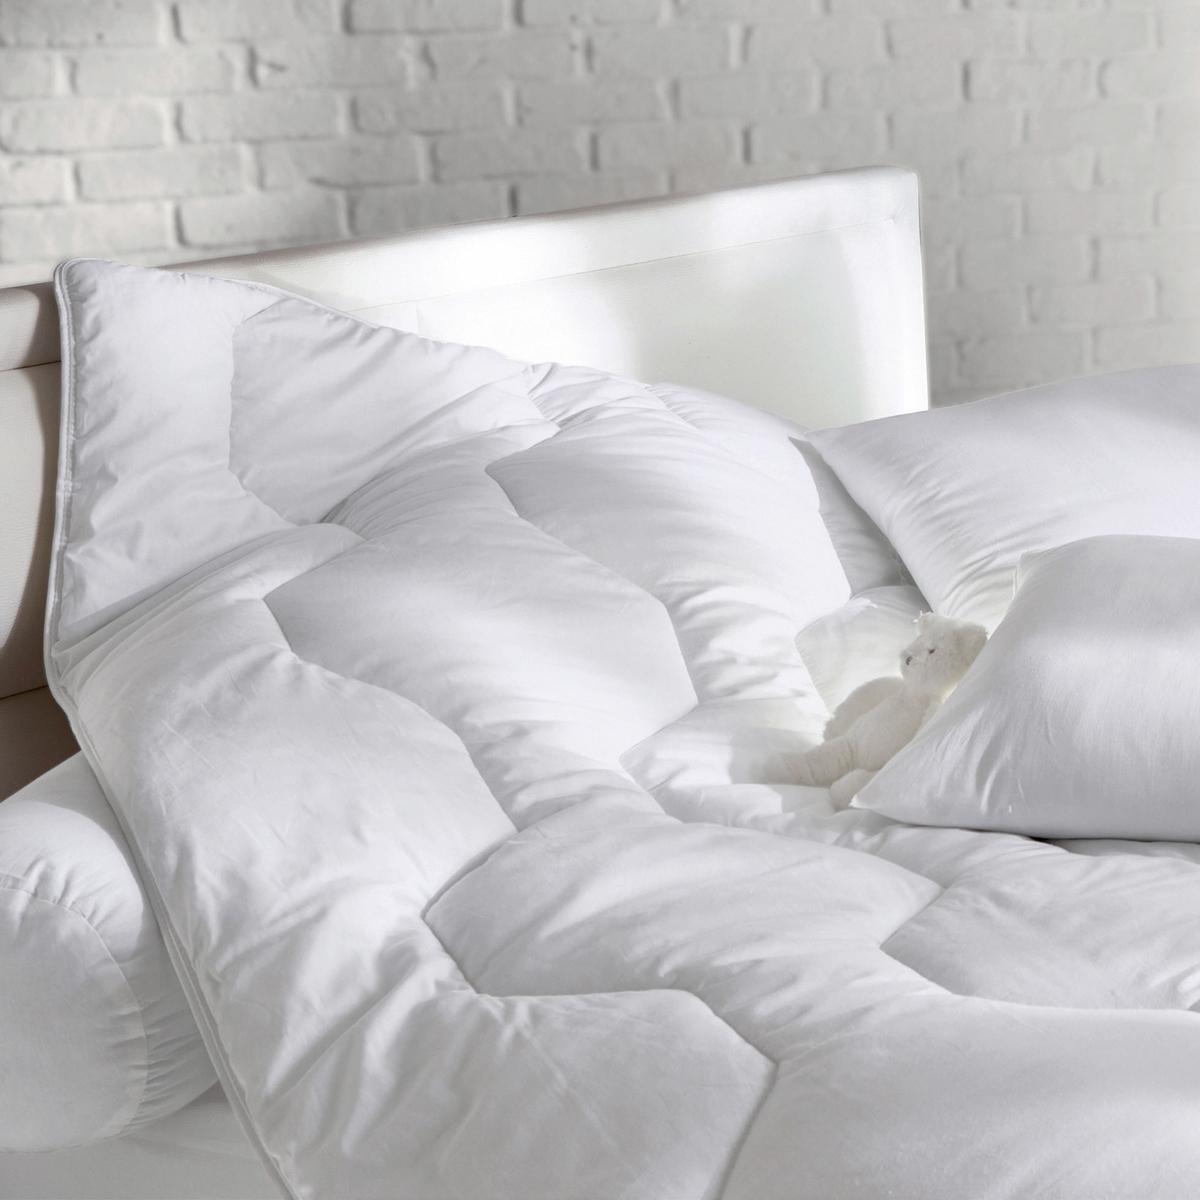 Двойное одеяло синтетическое 4 сезона с обработкой от насекомыхВыбирайте качество от Redoute, двойное одеяло R?VERIE, с которым гарантированы мягкость и комфорт . Обработка Sant?ol® для эффективной и натуральной защиты от насекомых .   Идеально для любого времени года : Одеяло 175 г/м2 для лета, 1 одеяло 300 г/м2 для межсезонья, 2 вместе для зимы  . Крепление на завязках  .     Наполнитель 100 % полиэстер, из полых силиконовых волокон для большей мягкости .                                                                                                                            Чехол 100 % хлопок с обработкой Sant?ol® от насекомых на основе натуральных компонентов .                                                                                                                            Прострочка шестиугольниками. Отделка : кантом, укрепленные двойные швы.                                                                            Уход : стирка при 40° . Возможна барабанная сушка при умеренной температуре .                                                                                                                                 Продается в сумке-чехле .<br><br>Цвет: белый